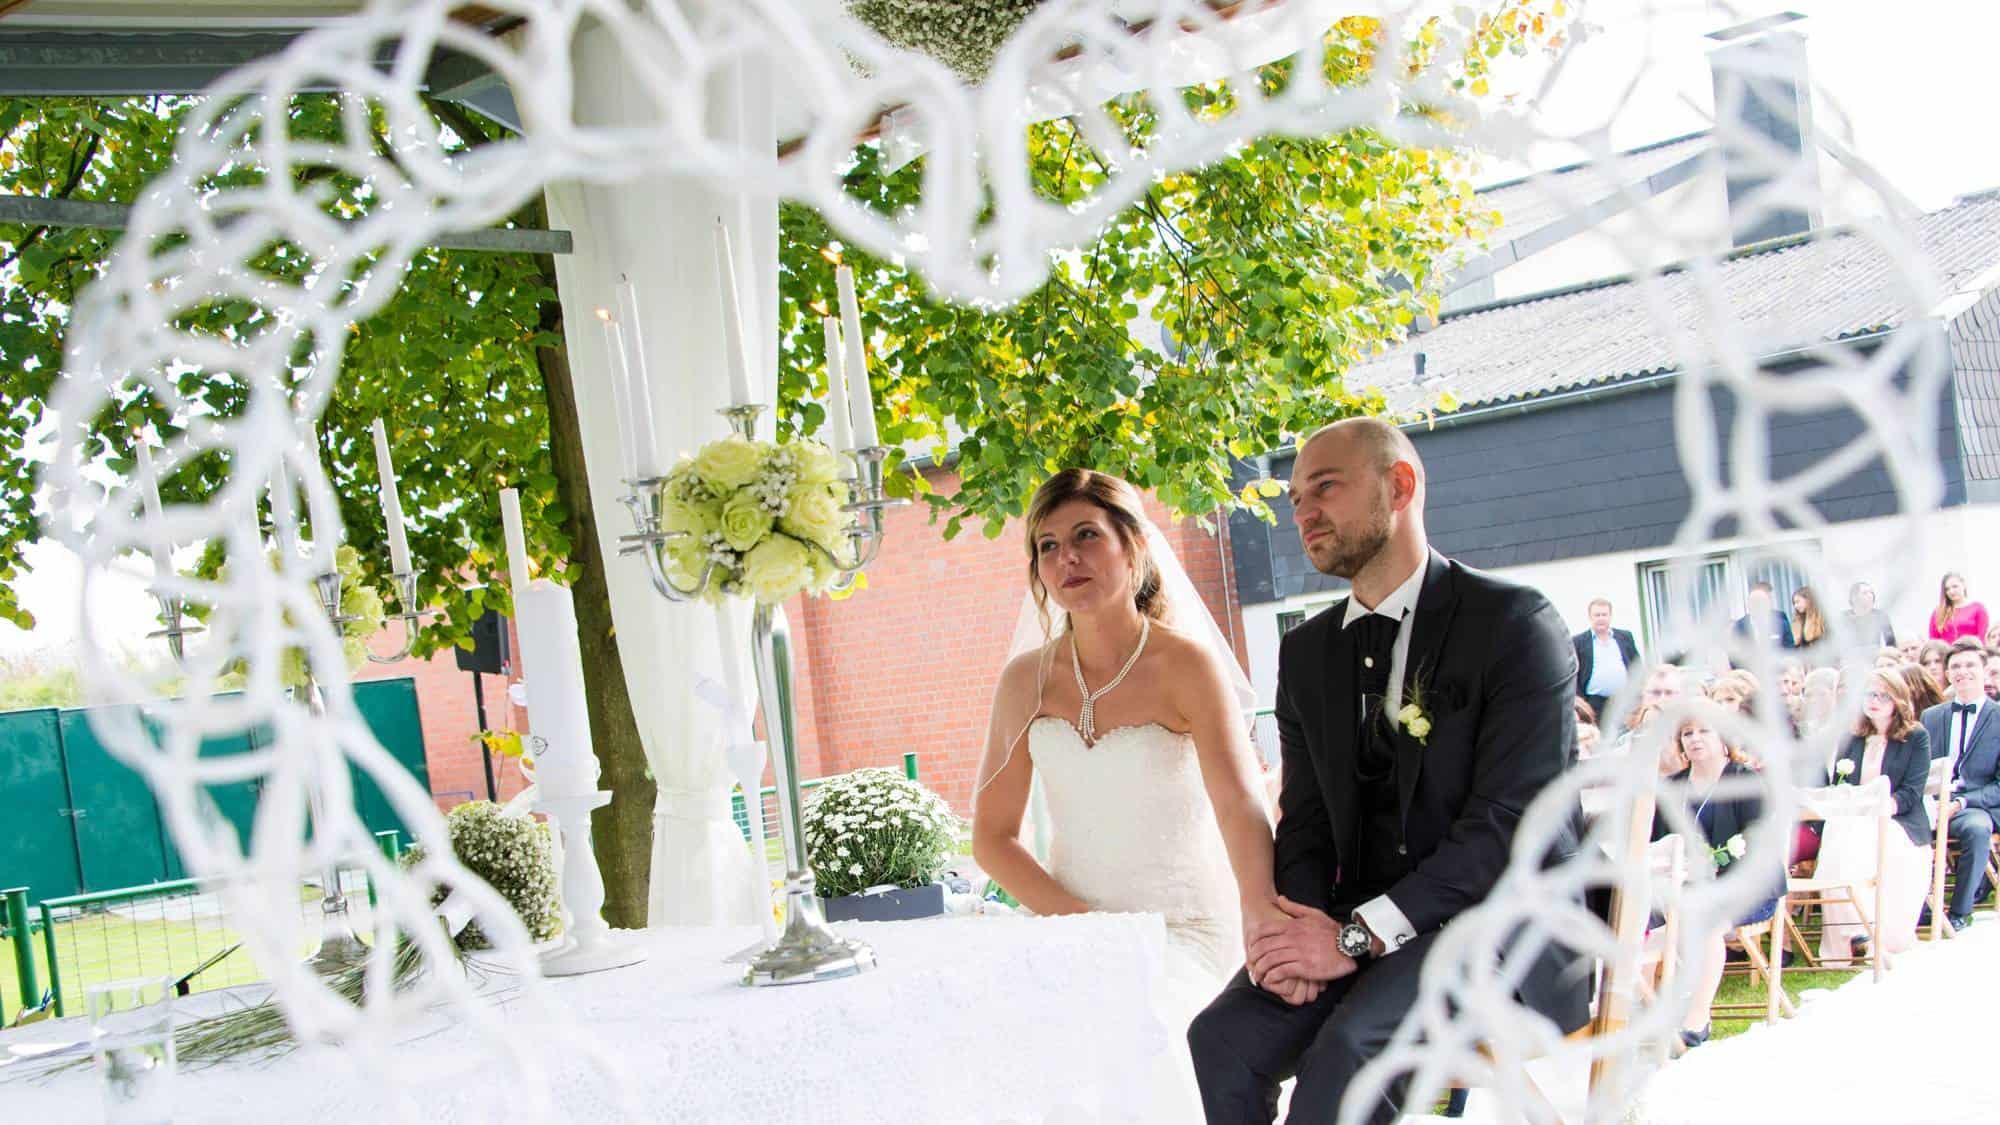 Brautpaar hört die Hochzeitsrede bei der freien Trauzeremonie